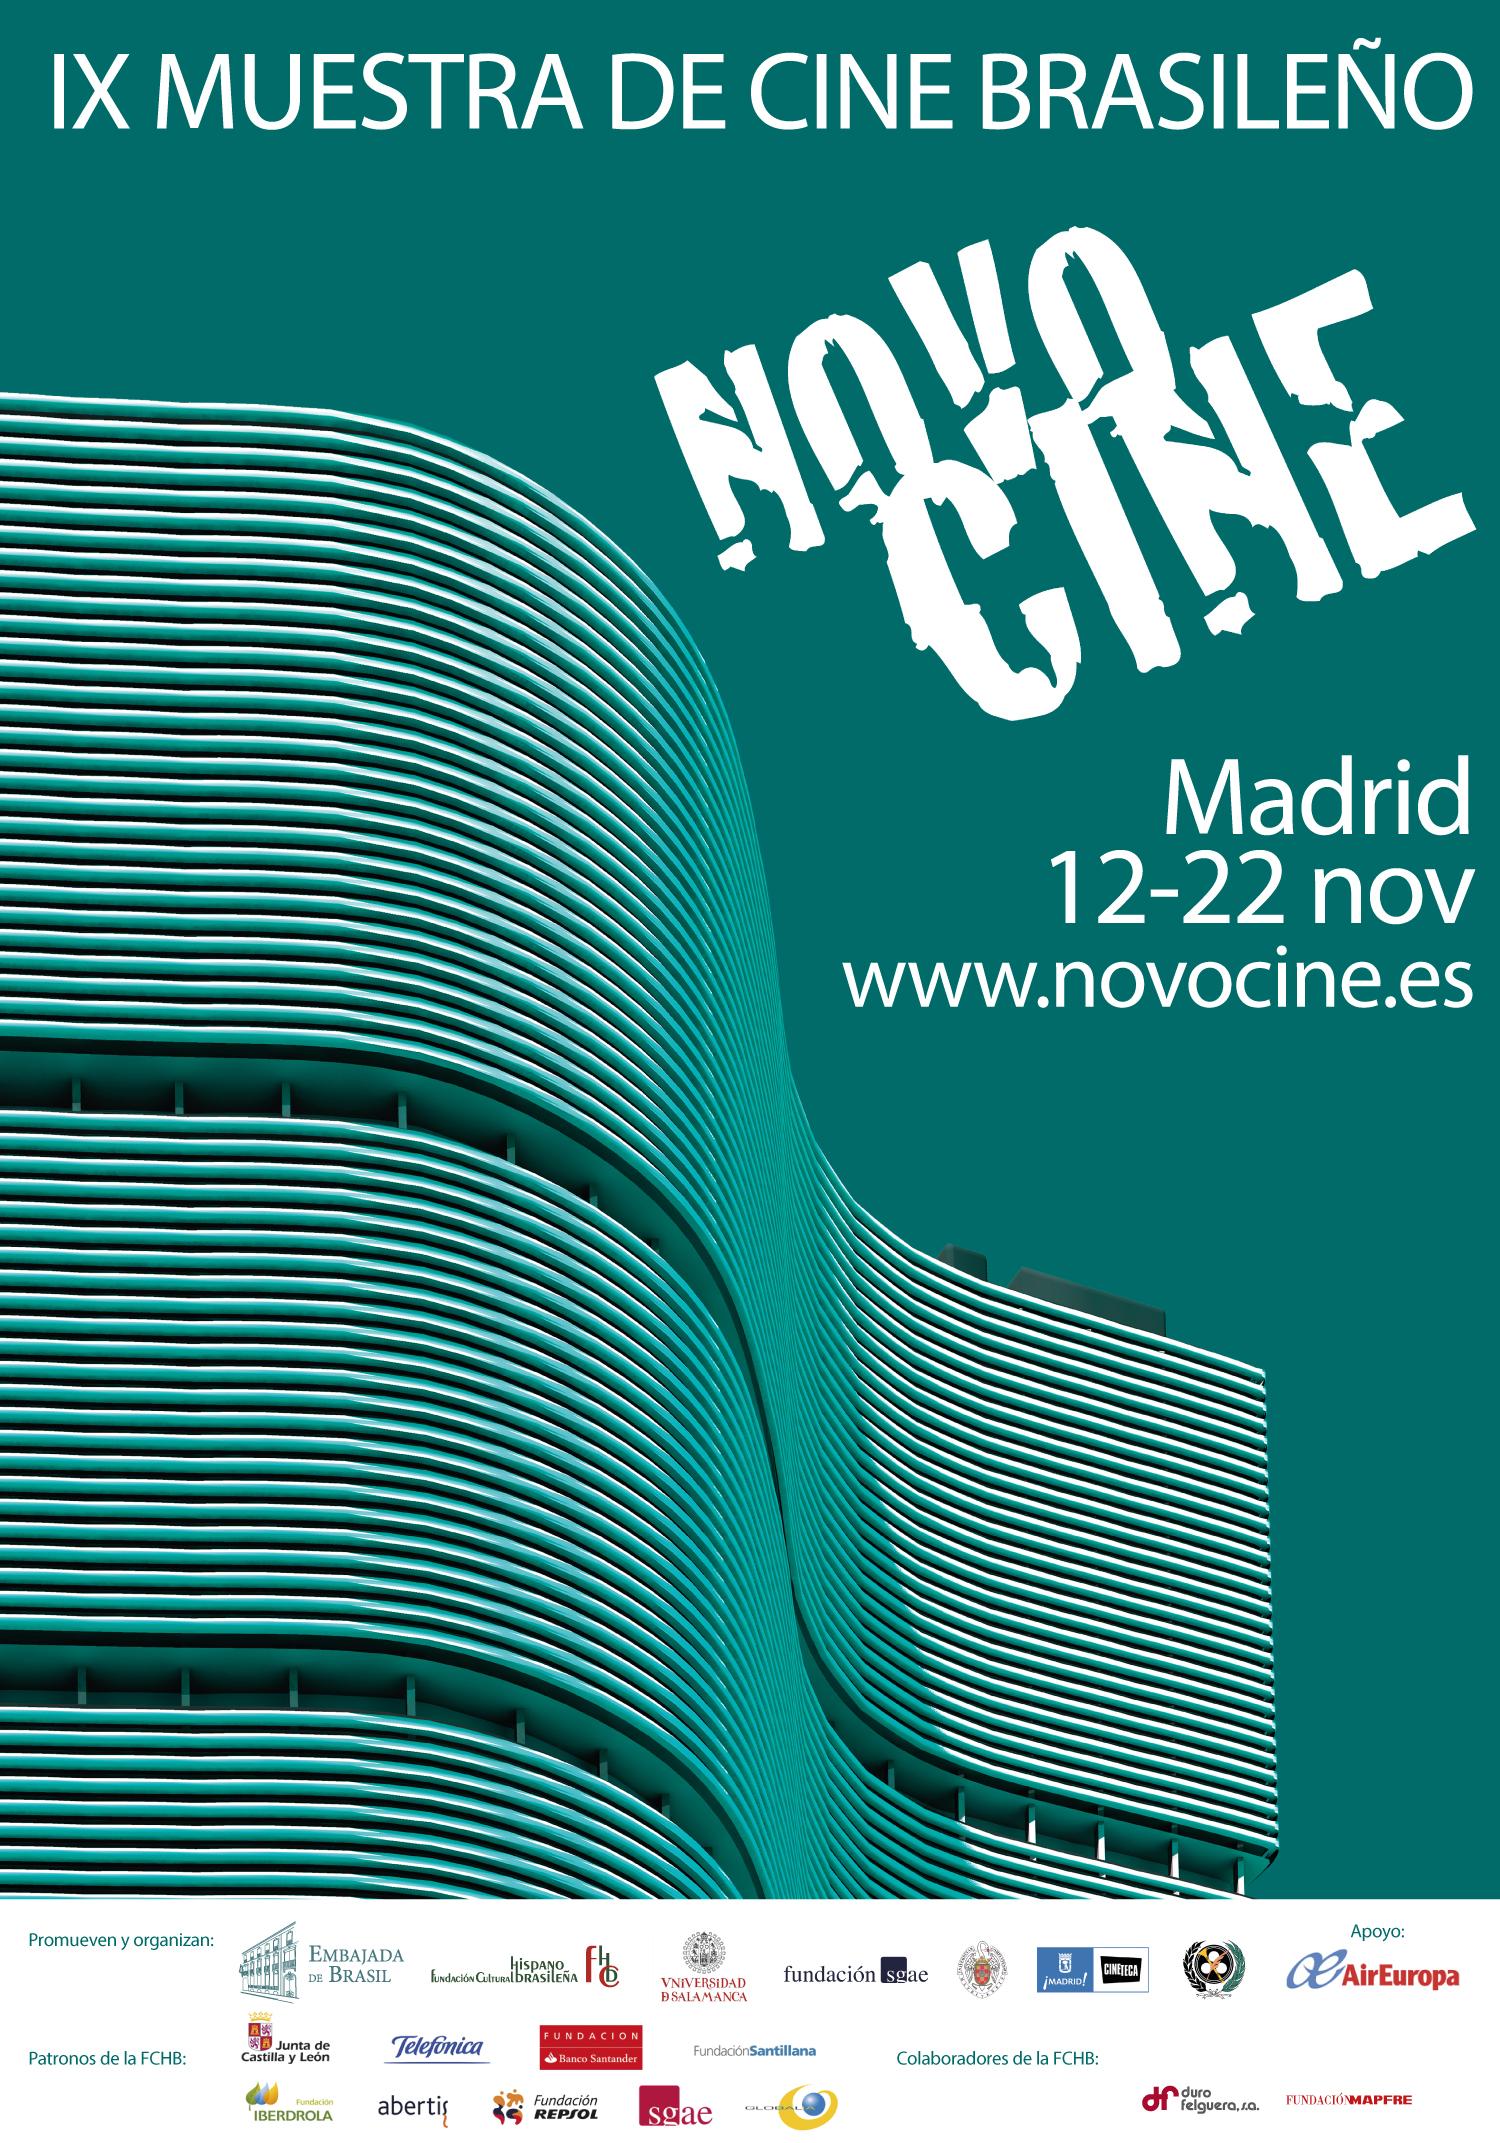 Poster Novocine 2015 en Madrid